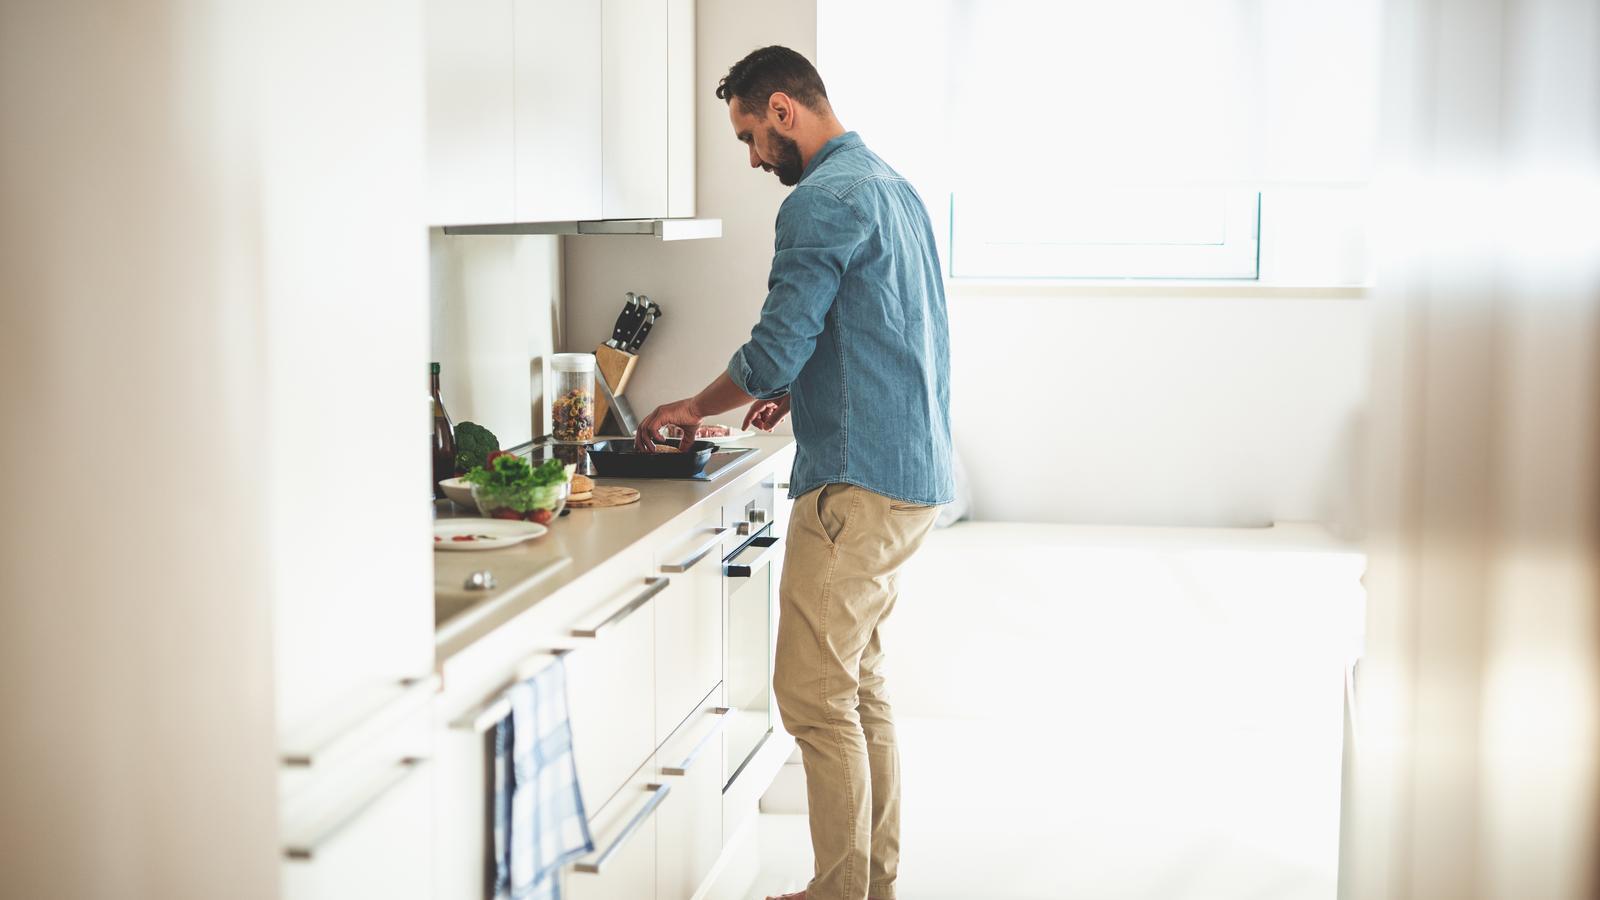 Un noi prepara cuinant a casa